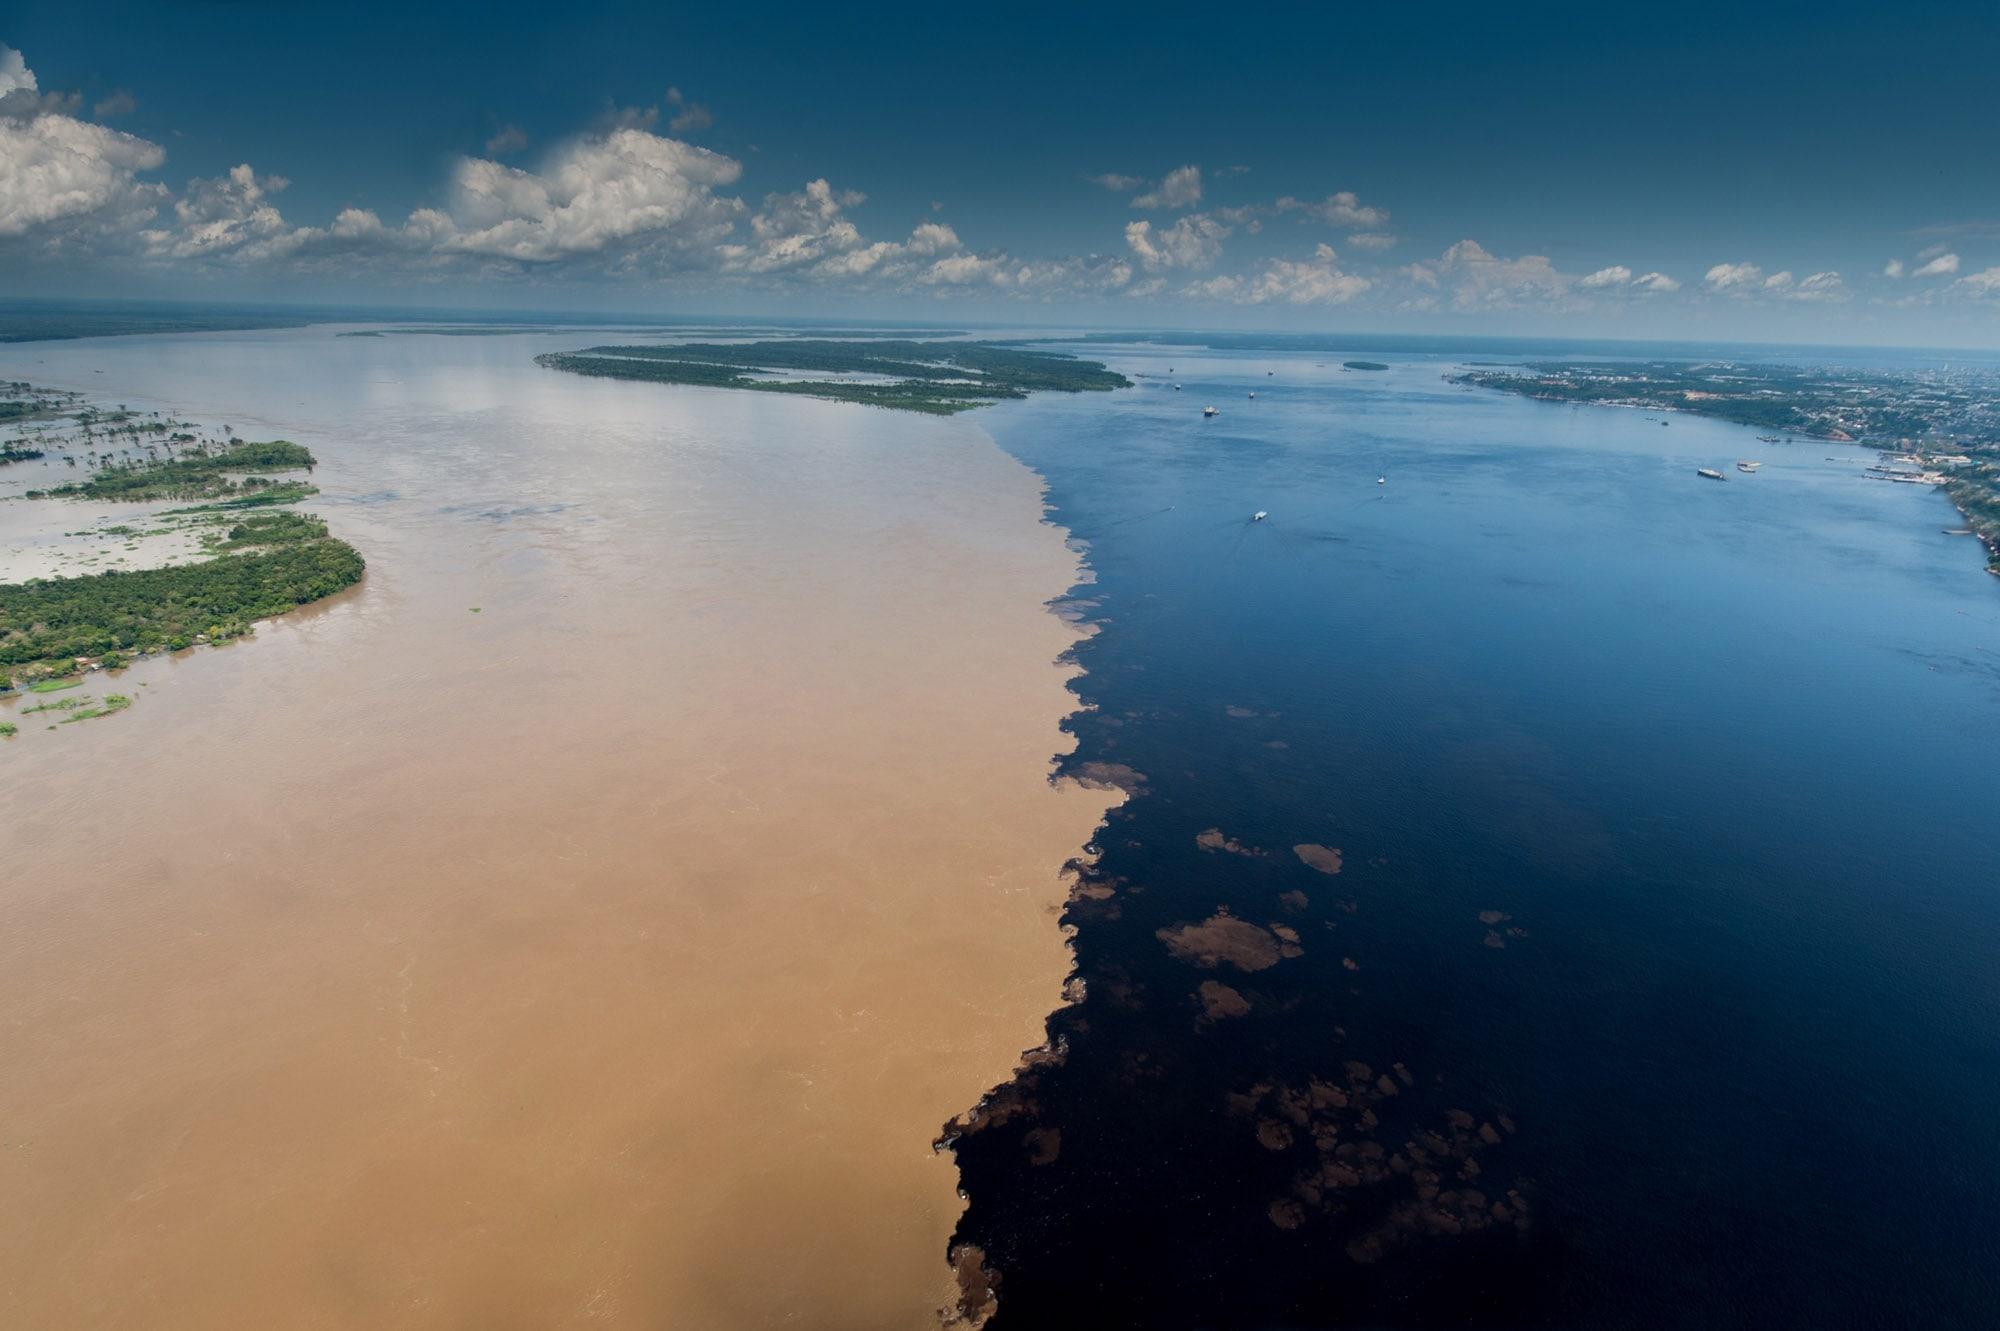 Rencontre des eaux amazonie